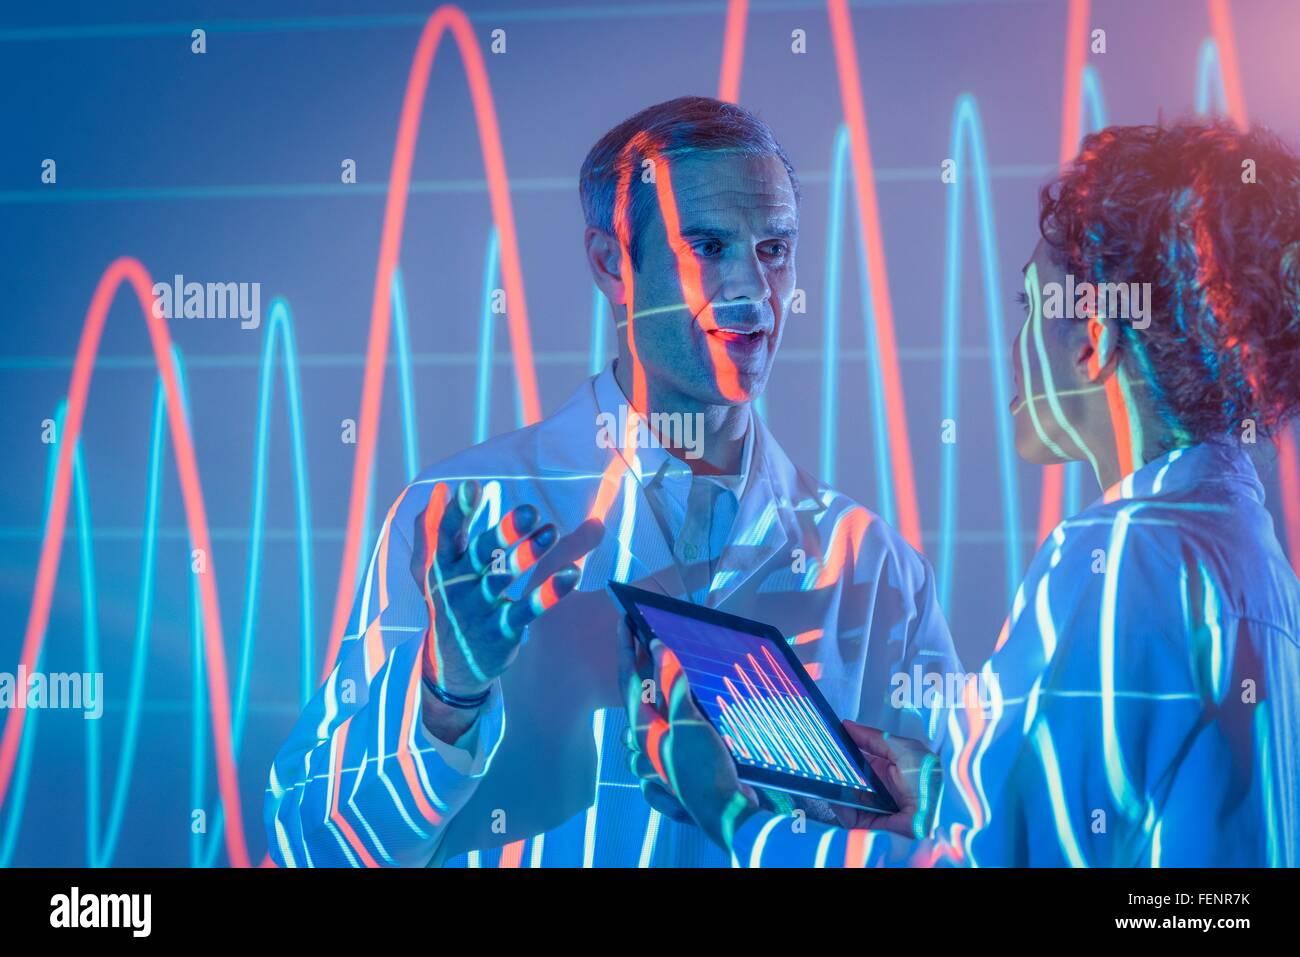 Les scientifiques en discussion avec projection de données graphiques Photo Stock